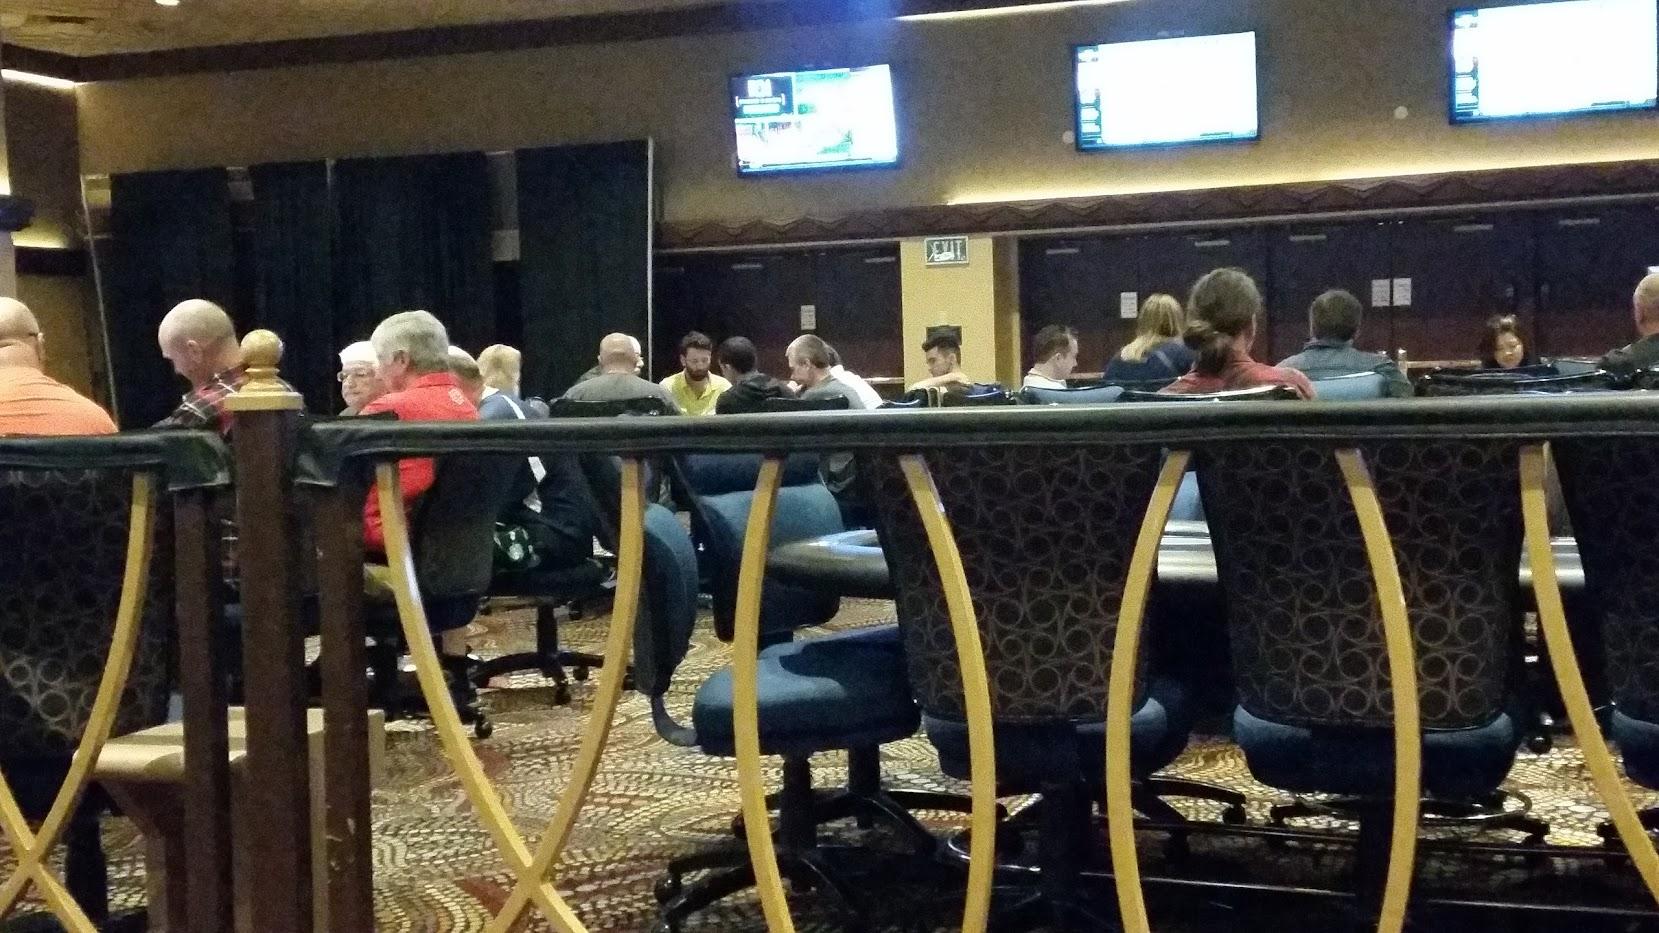 MGM Grand poker